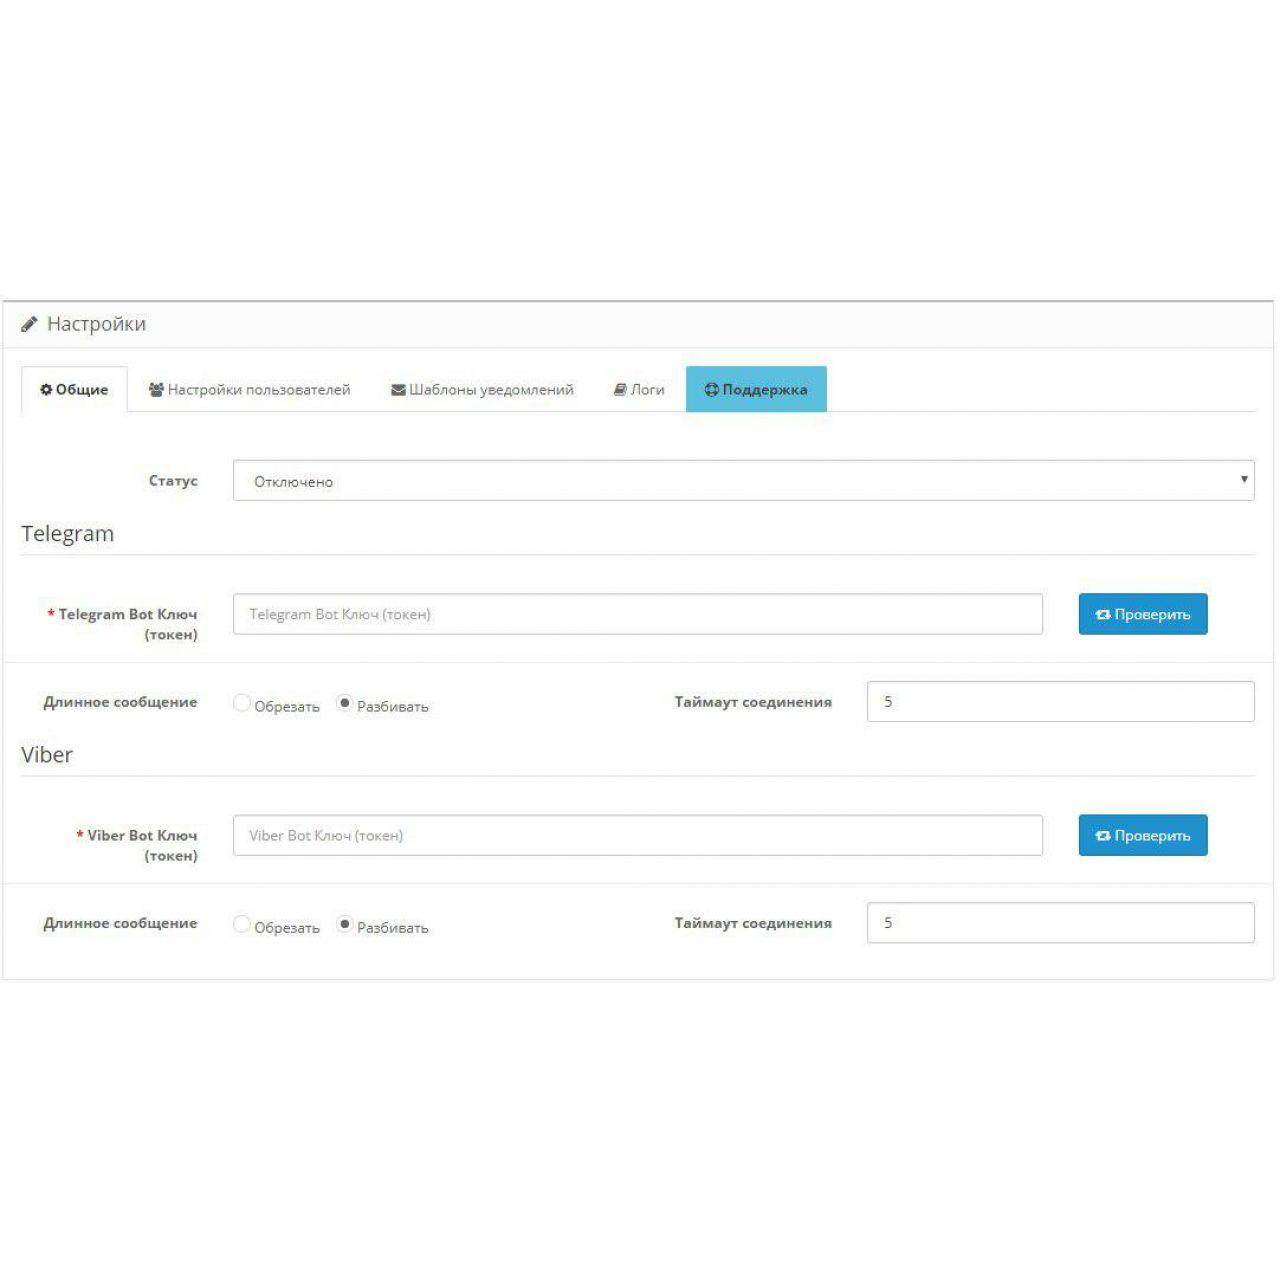 Уведомления администратора (Telegram, Viber) / Admin Notifications из категории Письма, почта, sms для CMS OpenCart (ОпенКарт)